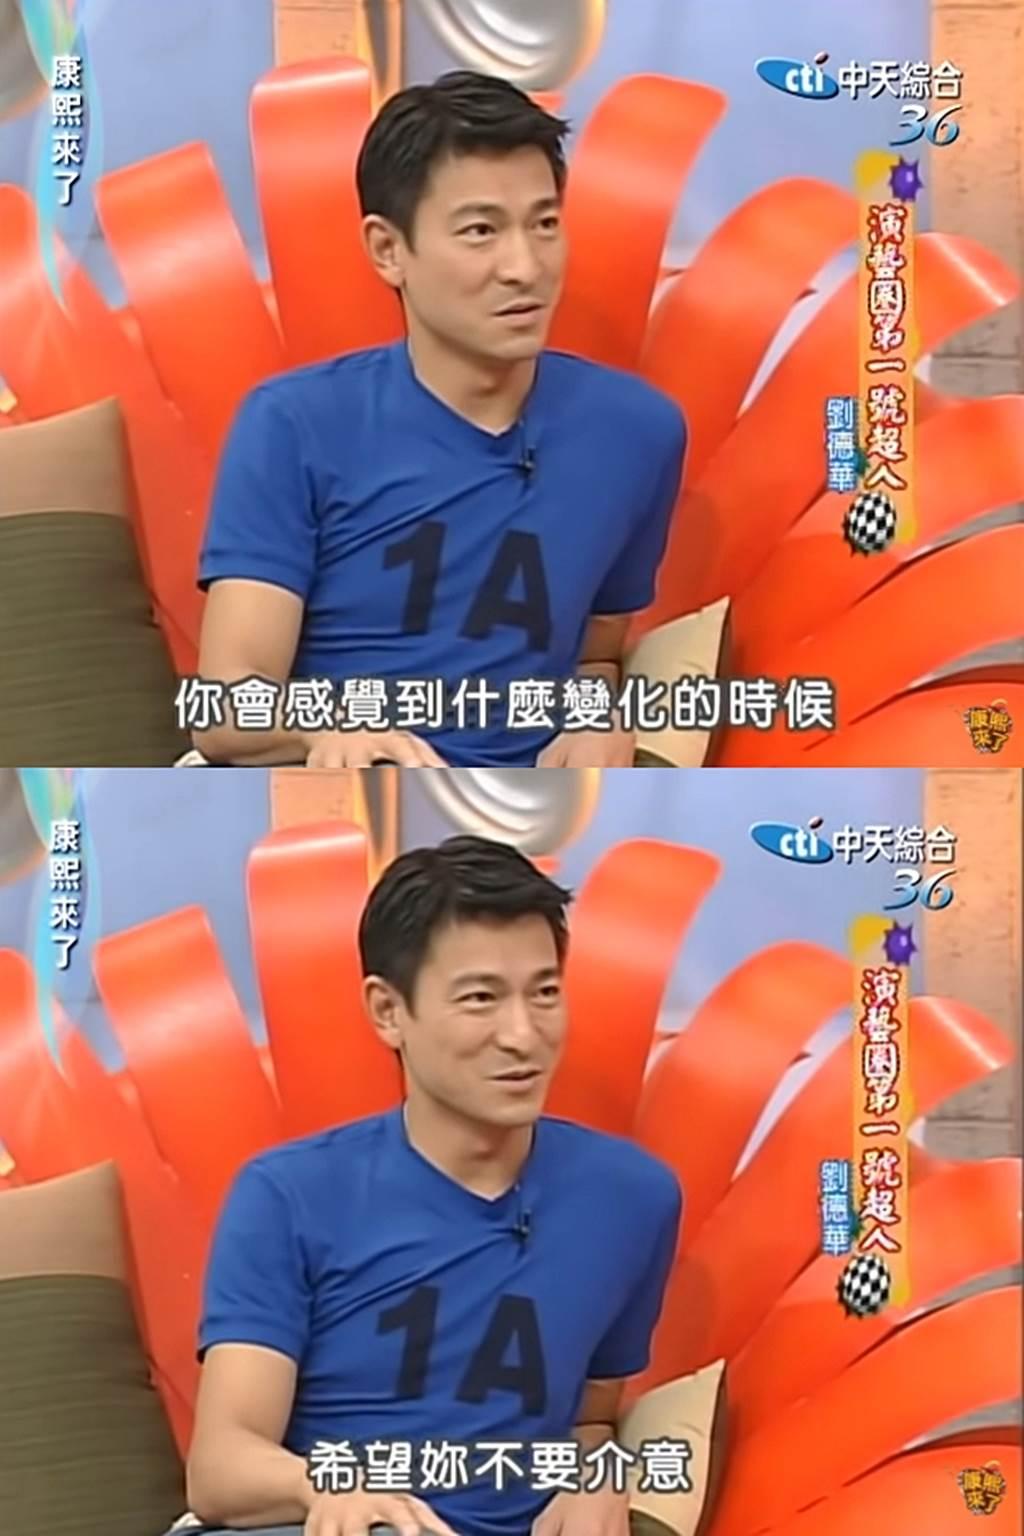 劉德華過去透露拍床戲前會先跟對手女星說聲不好意思。(圖/翻攝自康熙好經典 Youtube)